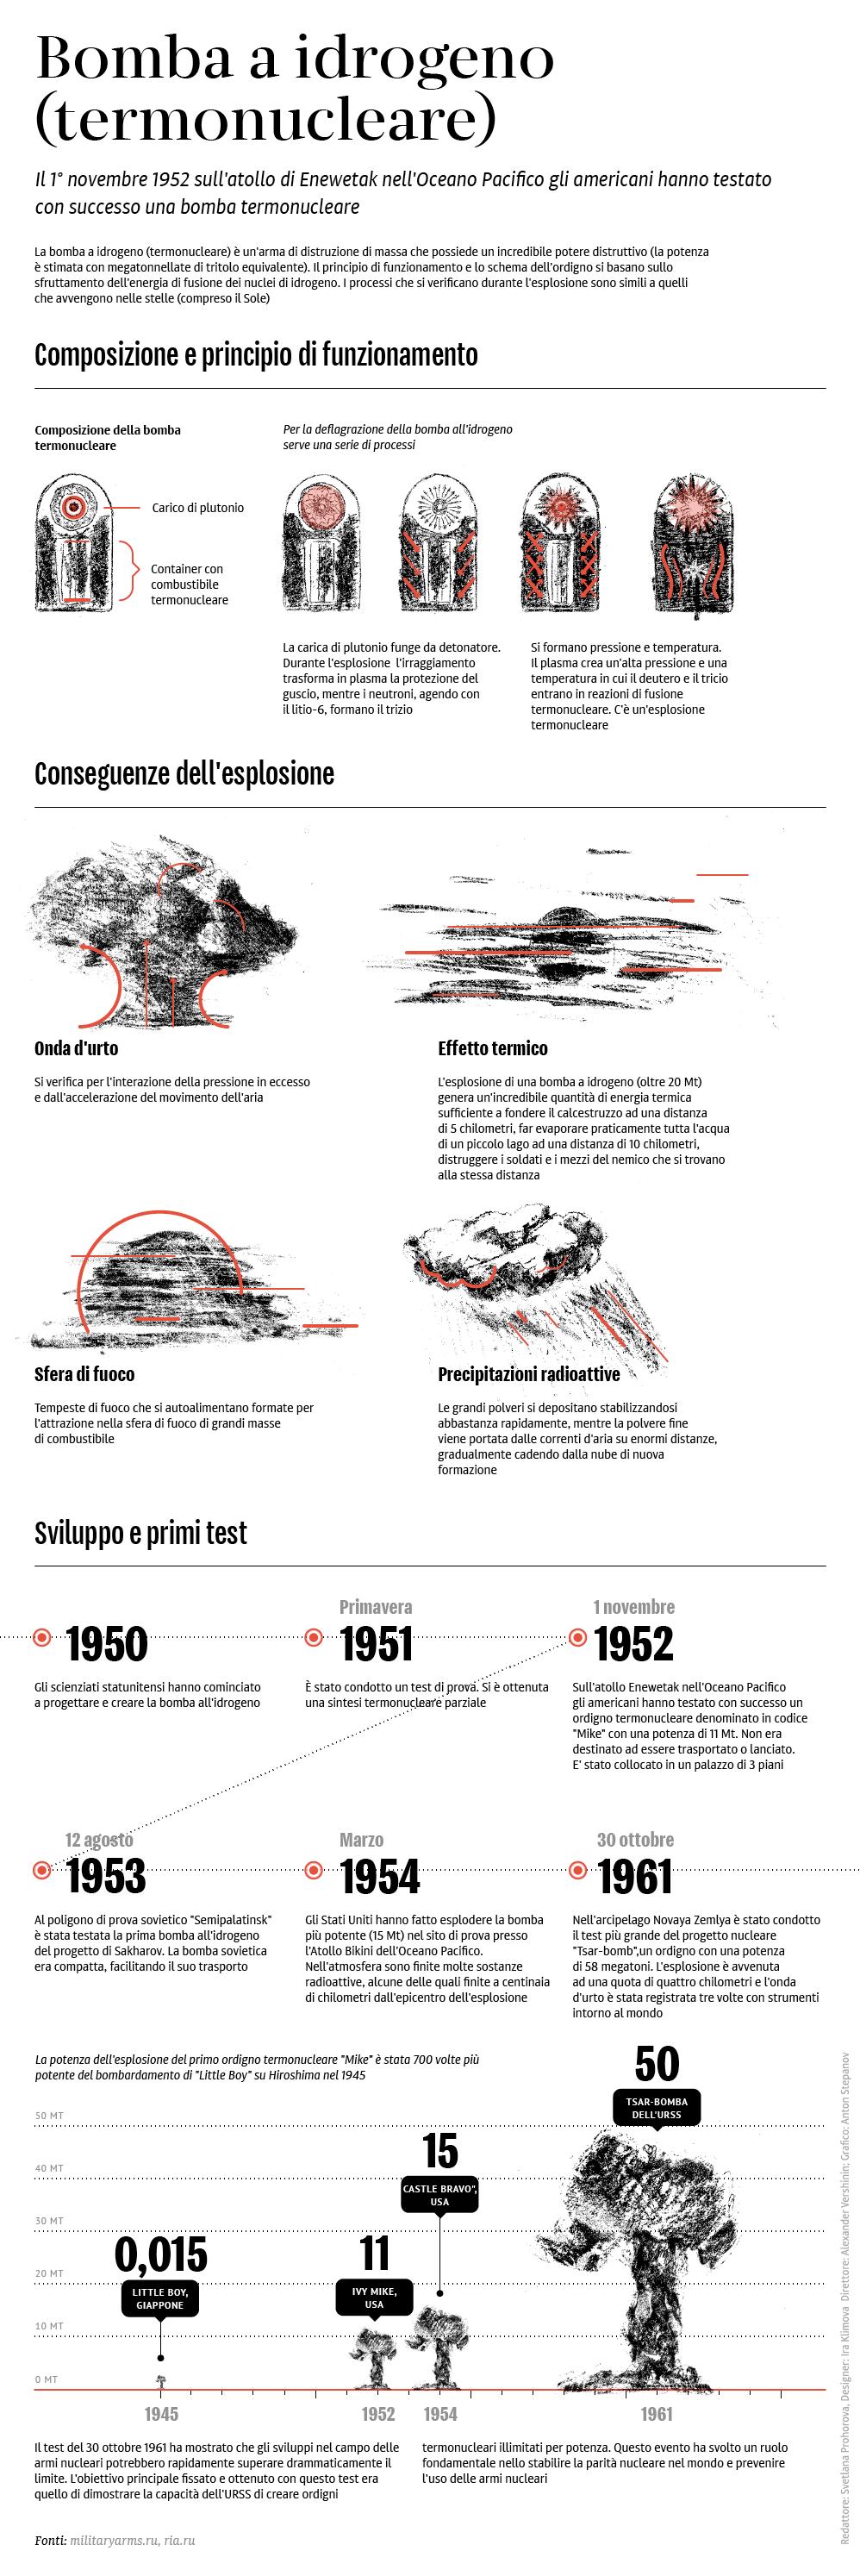 Bomba a idrogeno (termonucleare)